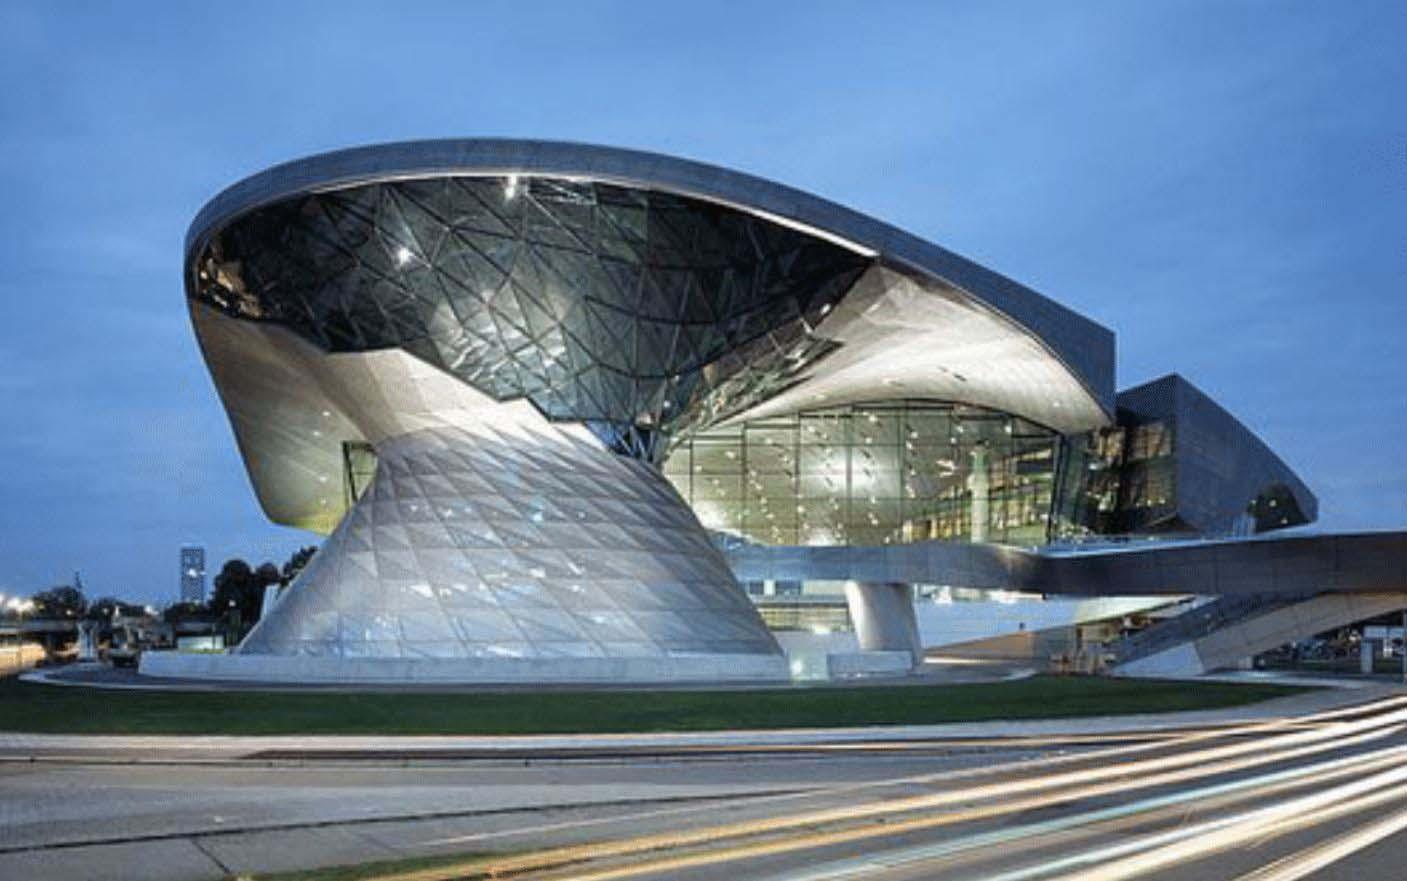 Hình 4: BMW World ở Munich, Đức